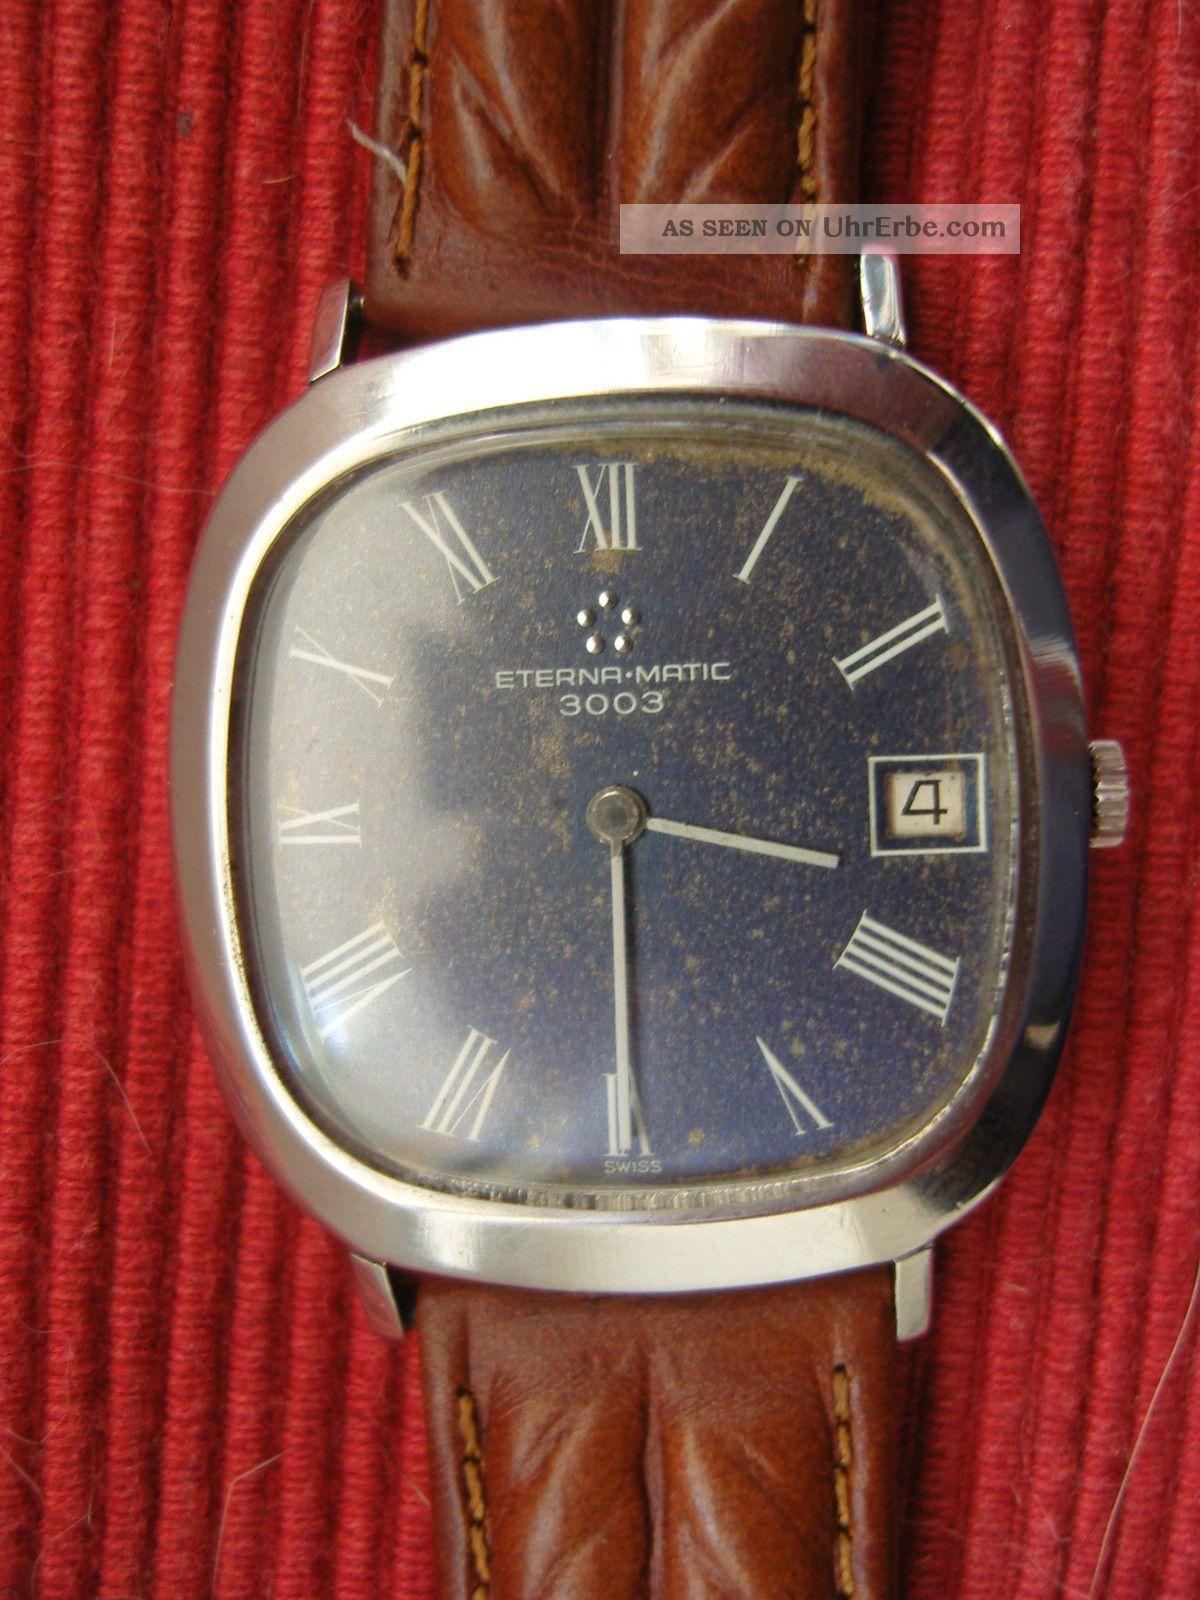 Eterna Matic 3003 Armbanduhren Bild